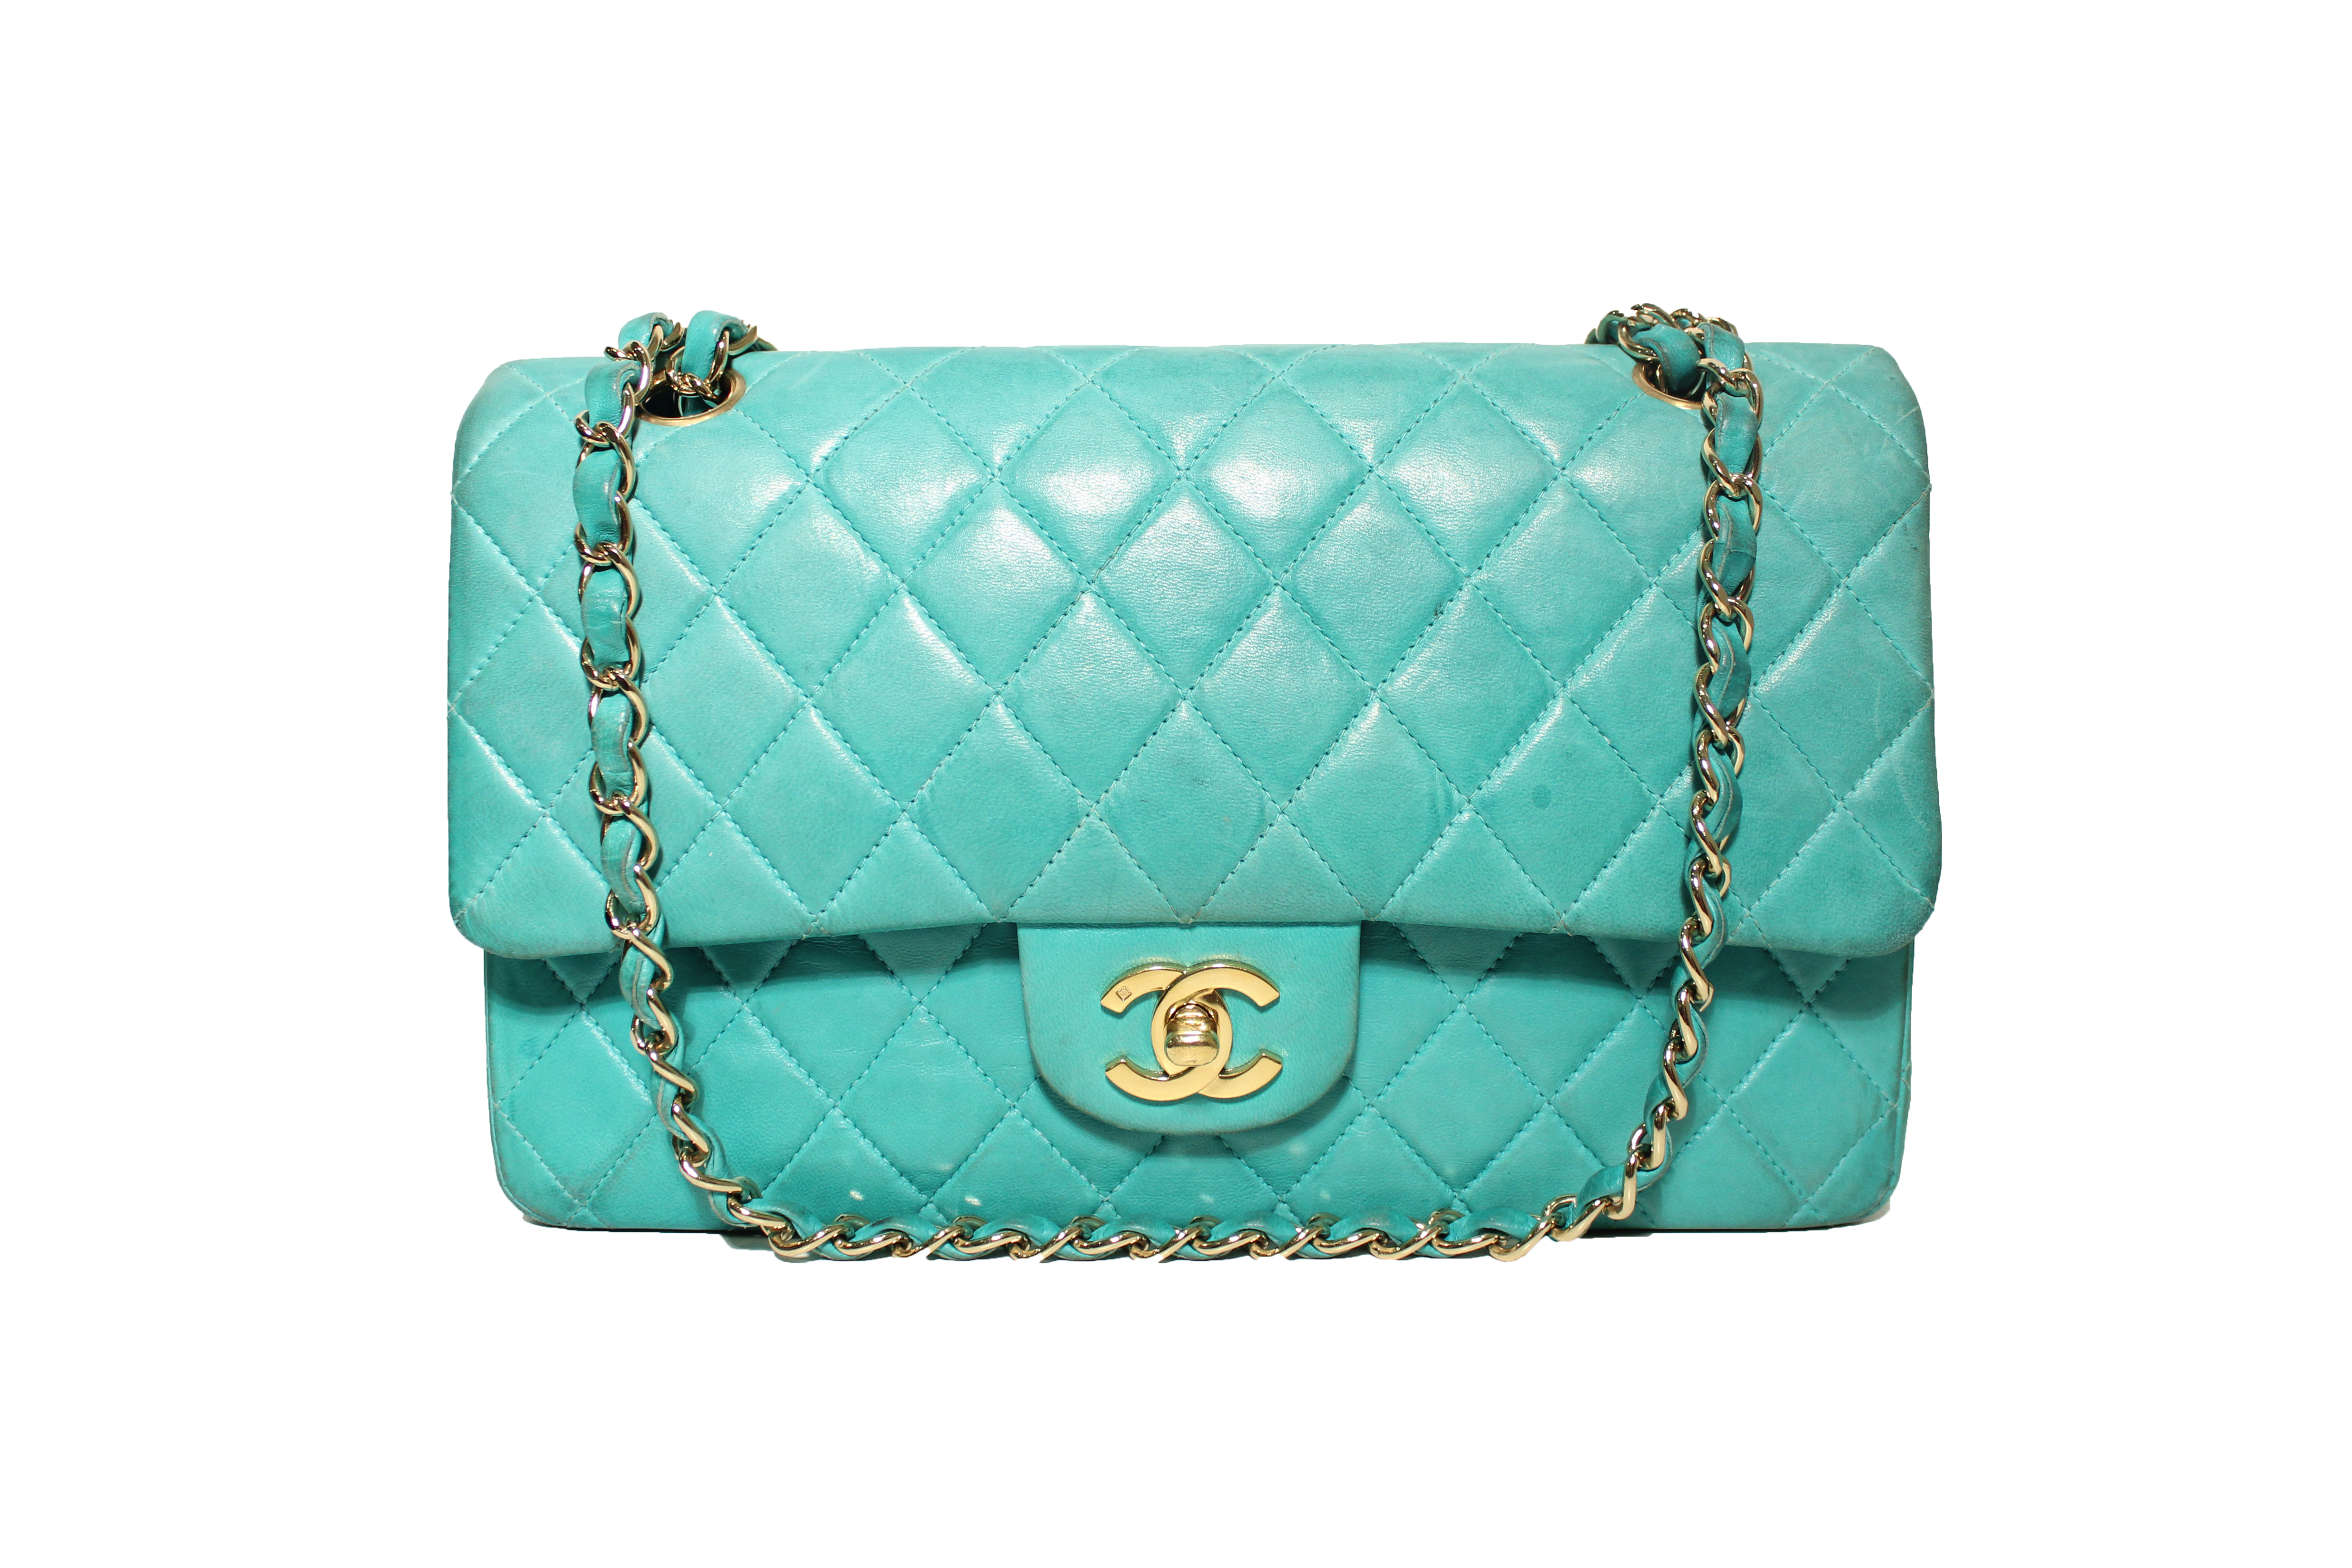 celine turquoise leather handbag trio, celine purses on sale